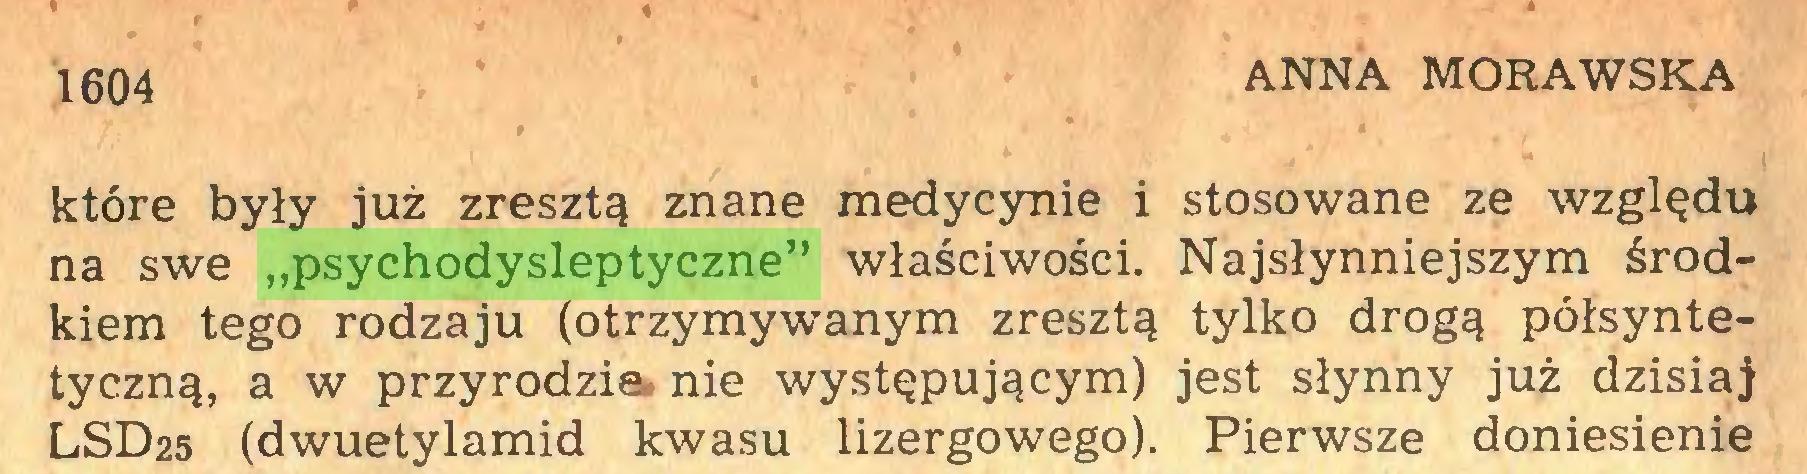 """(...) 1604 ANNA MORAWSKA które były już zresztą znane medycynie i stosowane ze względu na swe """"psychodysleptyczne"""" właściwości. Najsłynniejszym środkiem tego rodzaju (otrzymywanym zresztą tylko drogą półsyntetyczną, a w przyrodzie, nie występującym) jest słynny już dzisiaj LSD25 (dwuetylamid kwasu lizergowego). Pierwsze doniesienie..."""